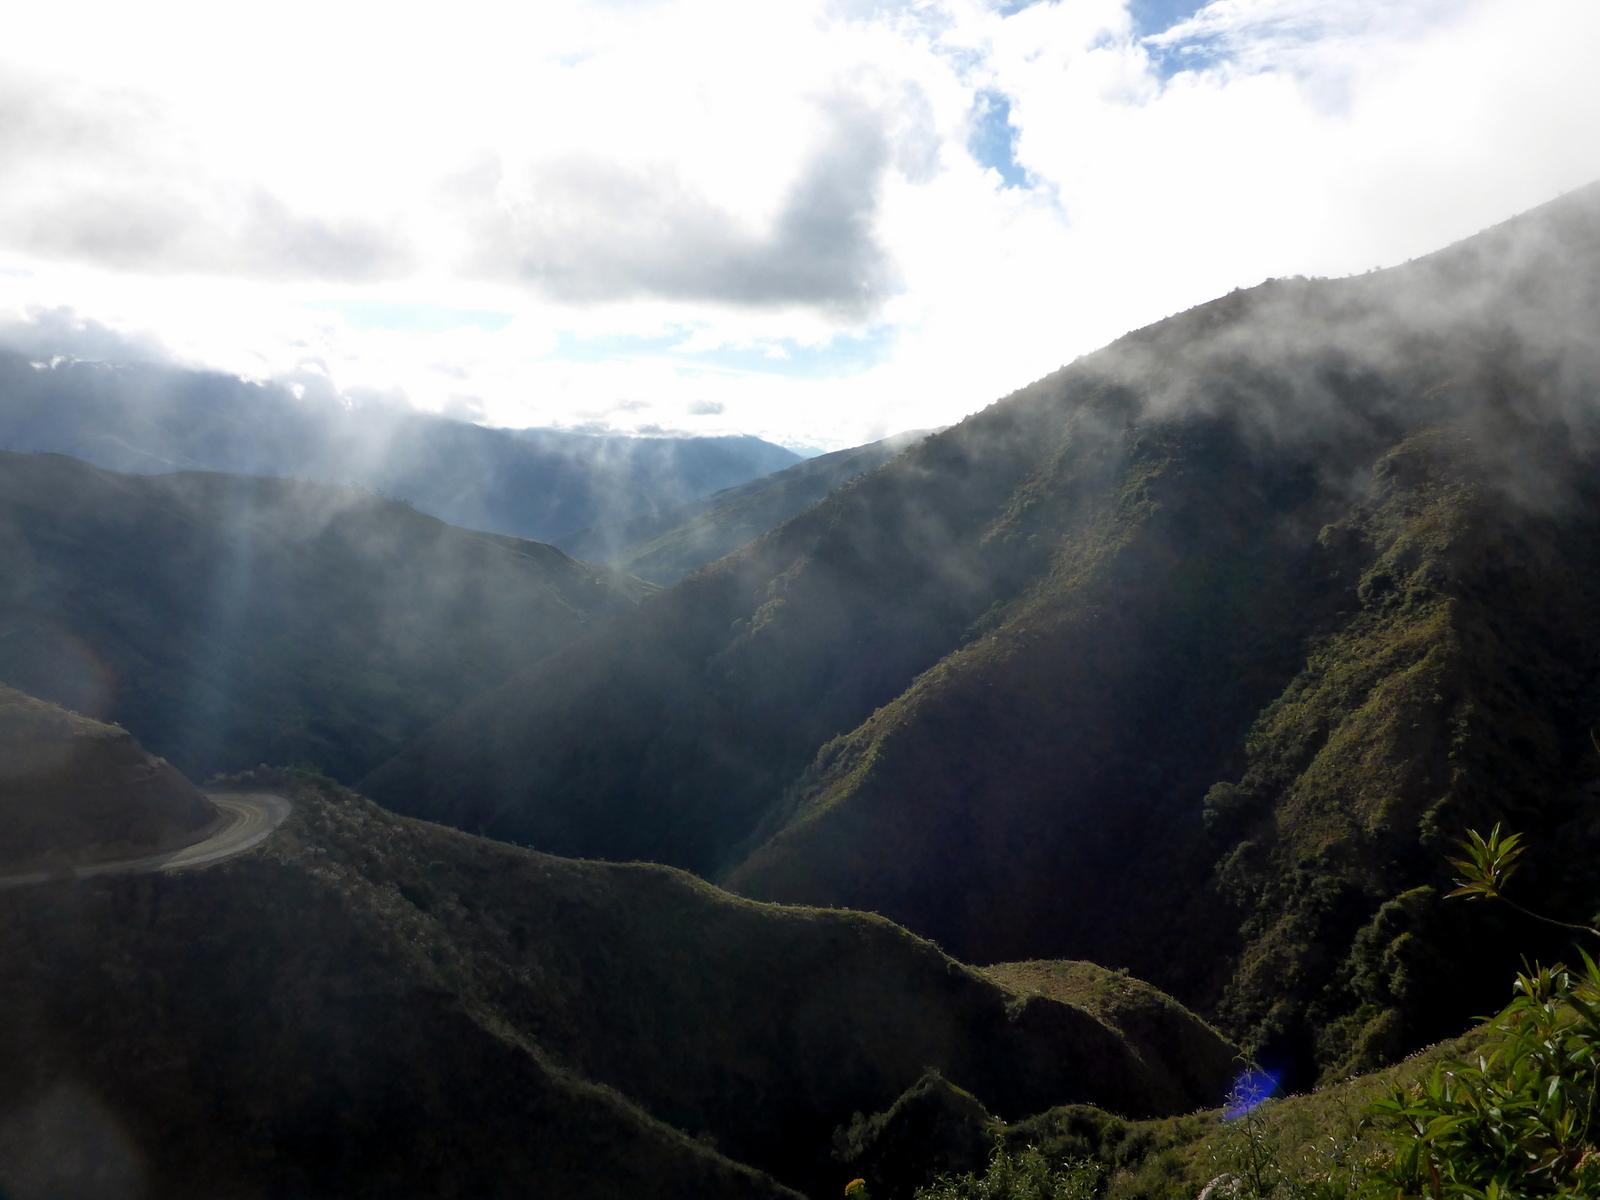 Vor dem Abtauchen in den Nebelwald